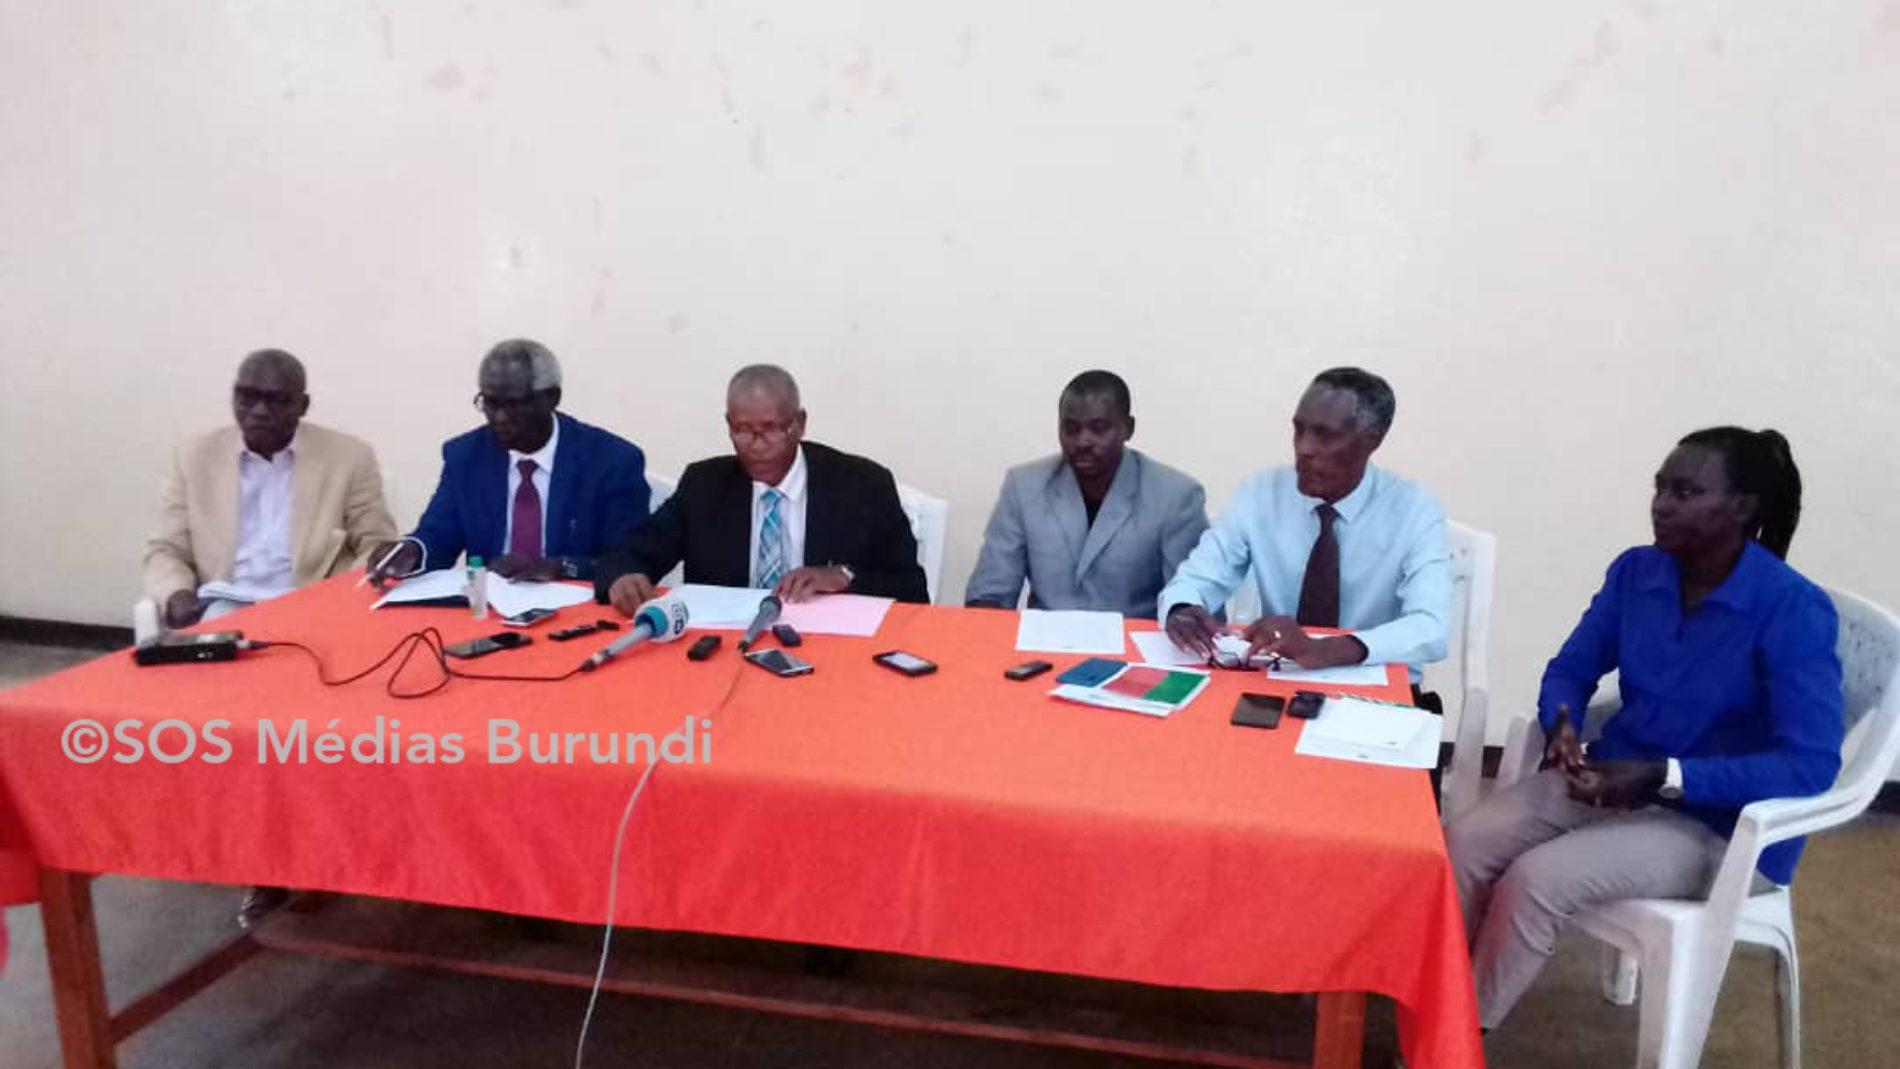 Burundi: les syndicats dénoncent un recensement des fonctionnaires qui viole le droit à la vie privée